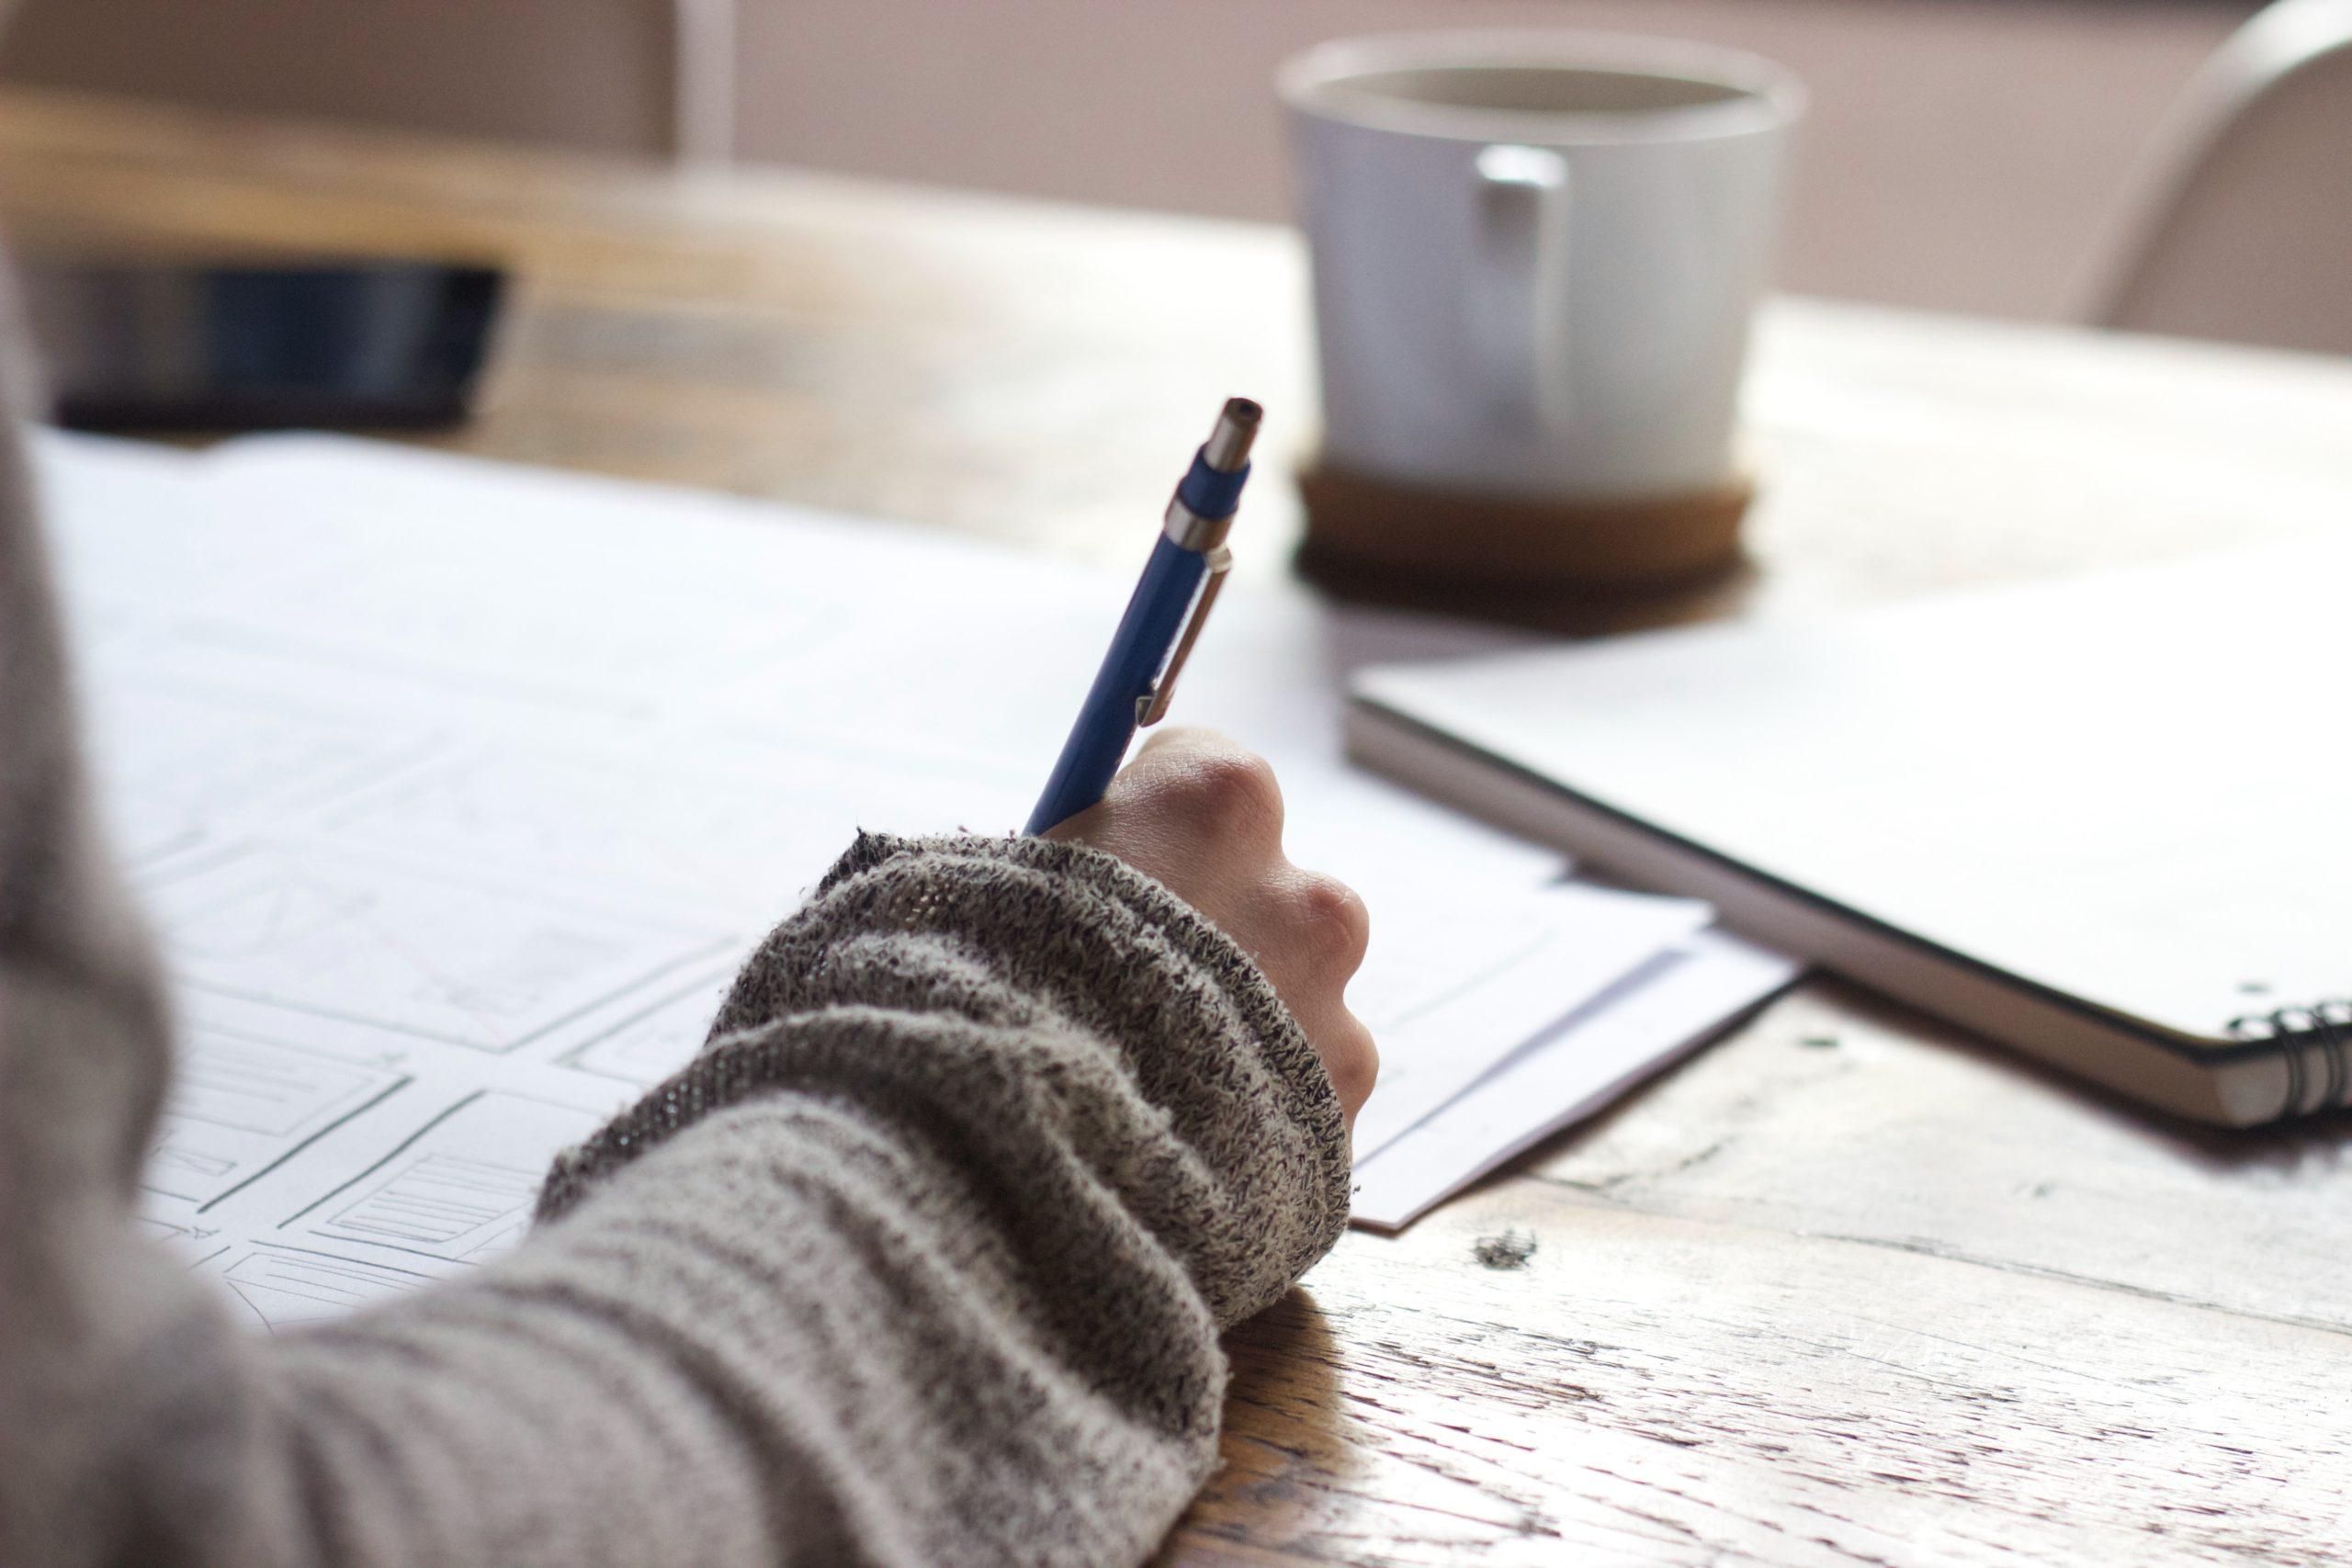 大学生がブログを始めてから学ぶべき知識・スキル